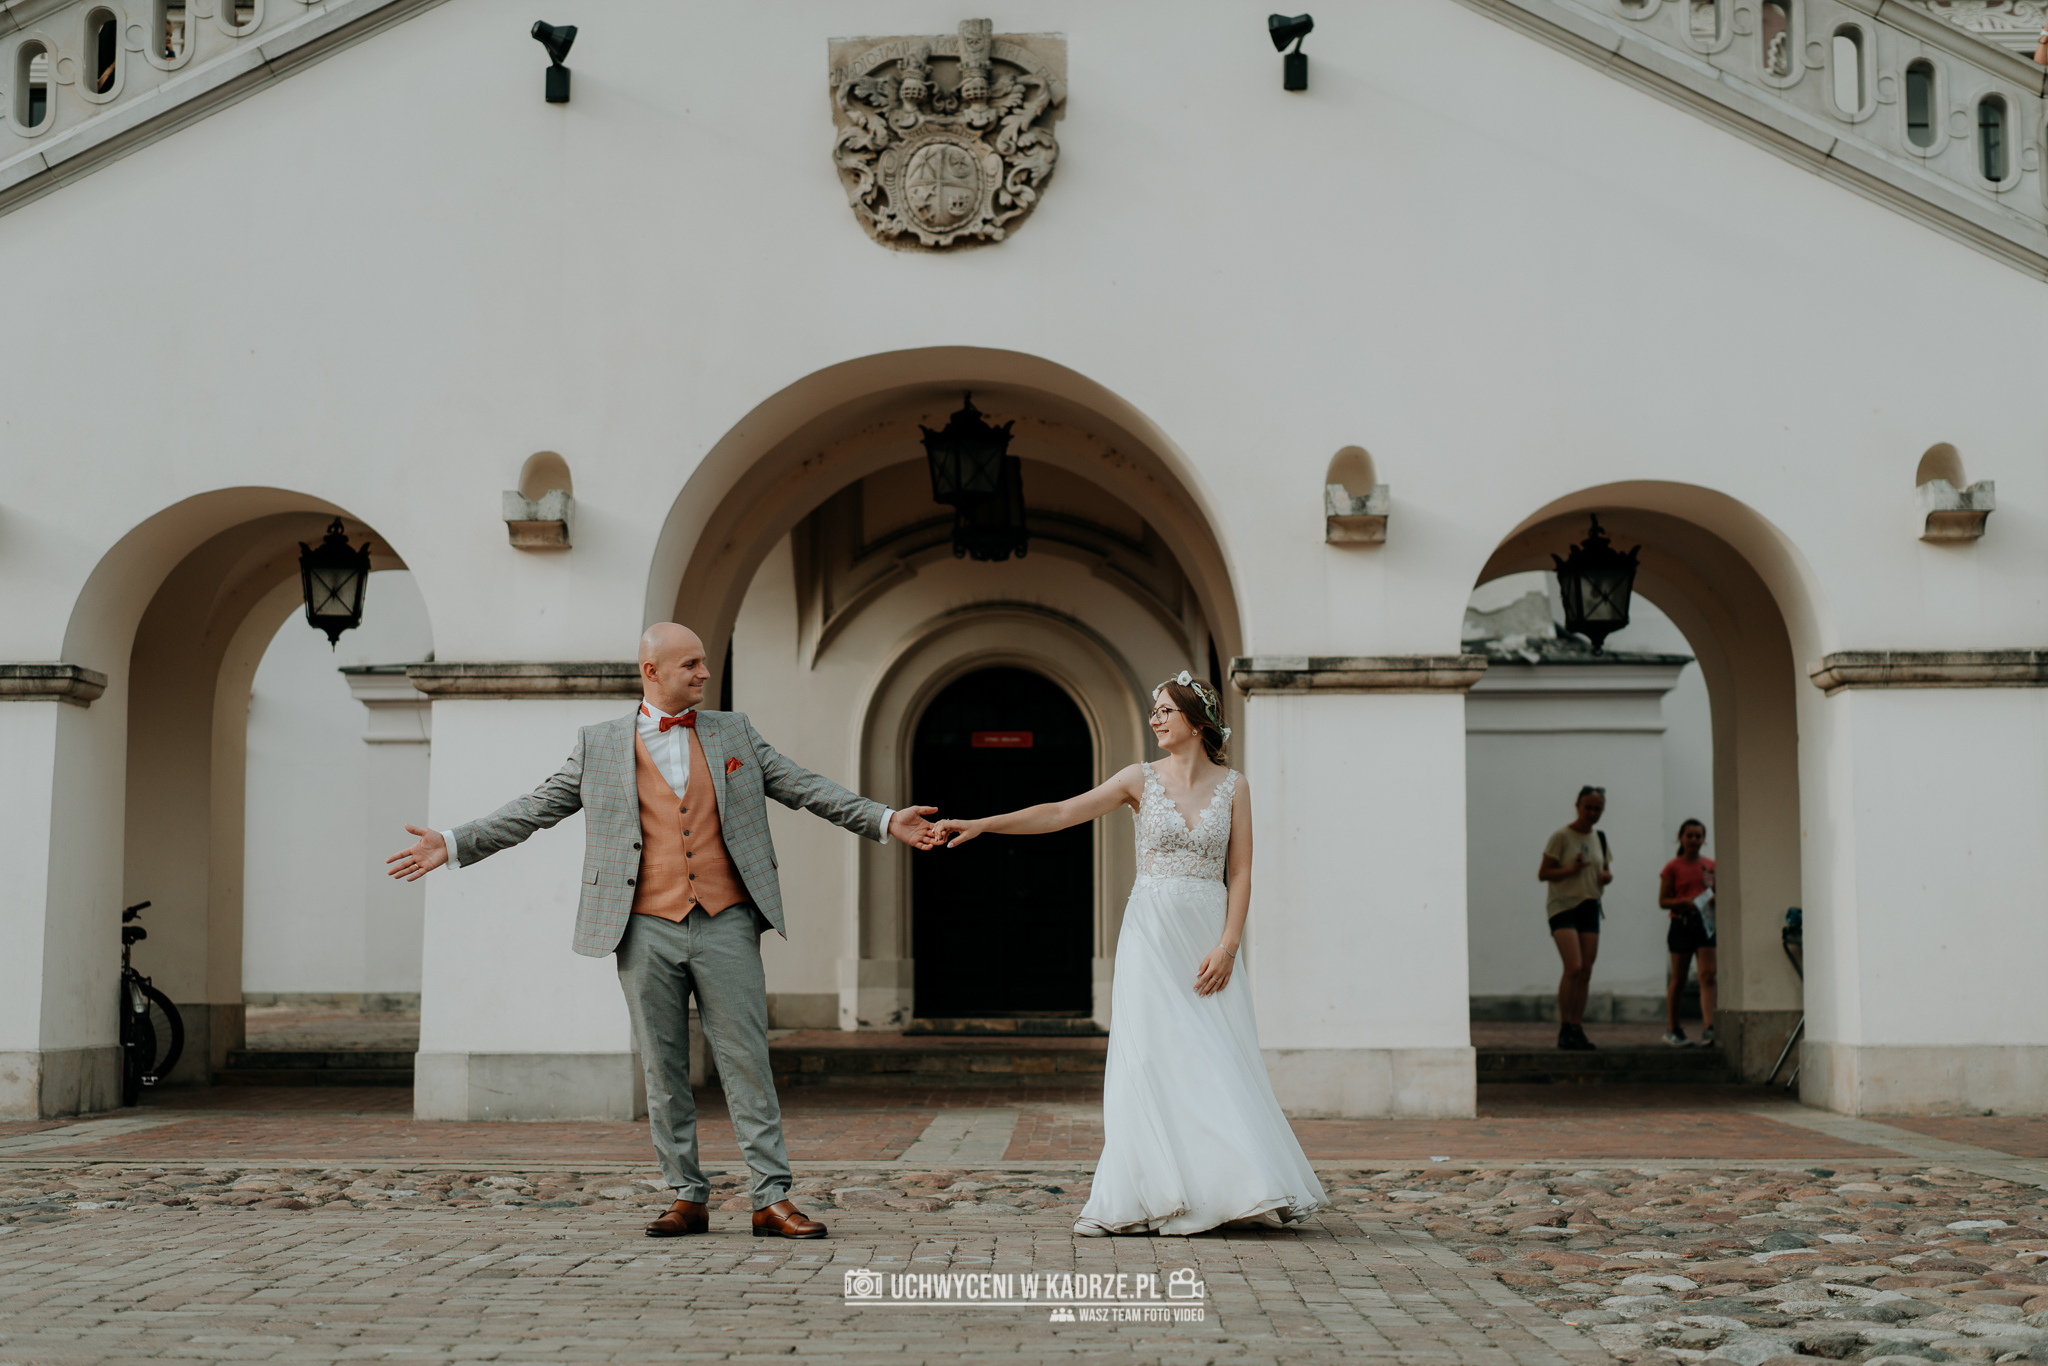 Iza Bartek Sesja slubna Zamosc 58 - Sesja Ślubna - Zamość | Iza & Bartek